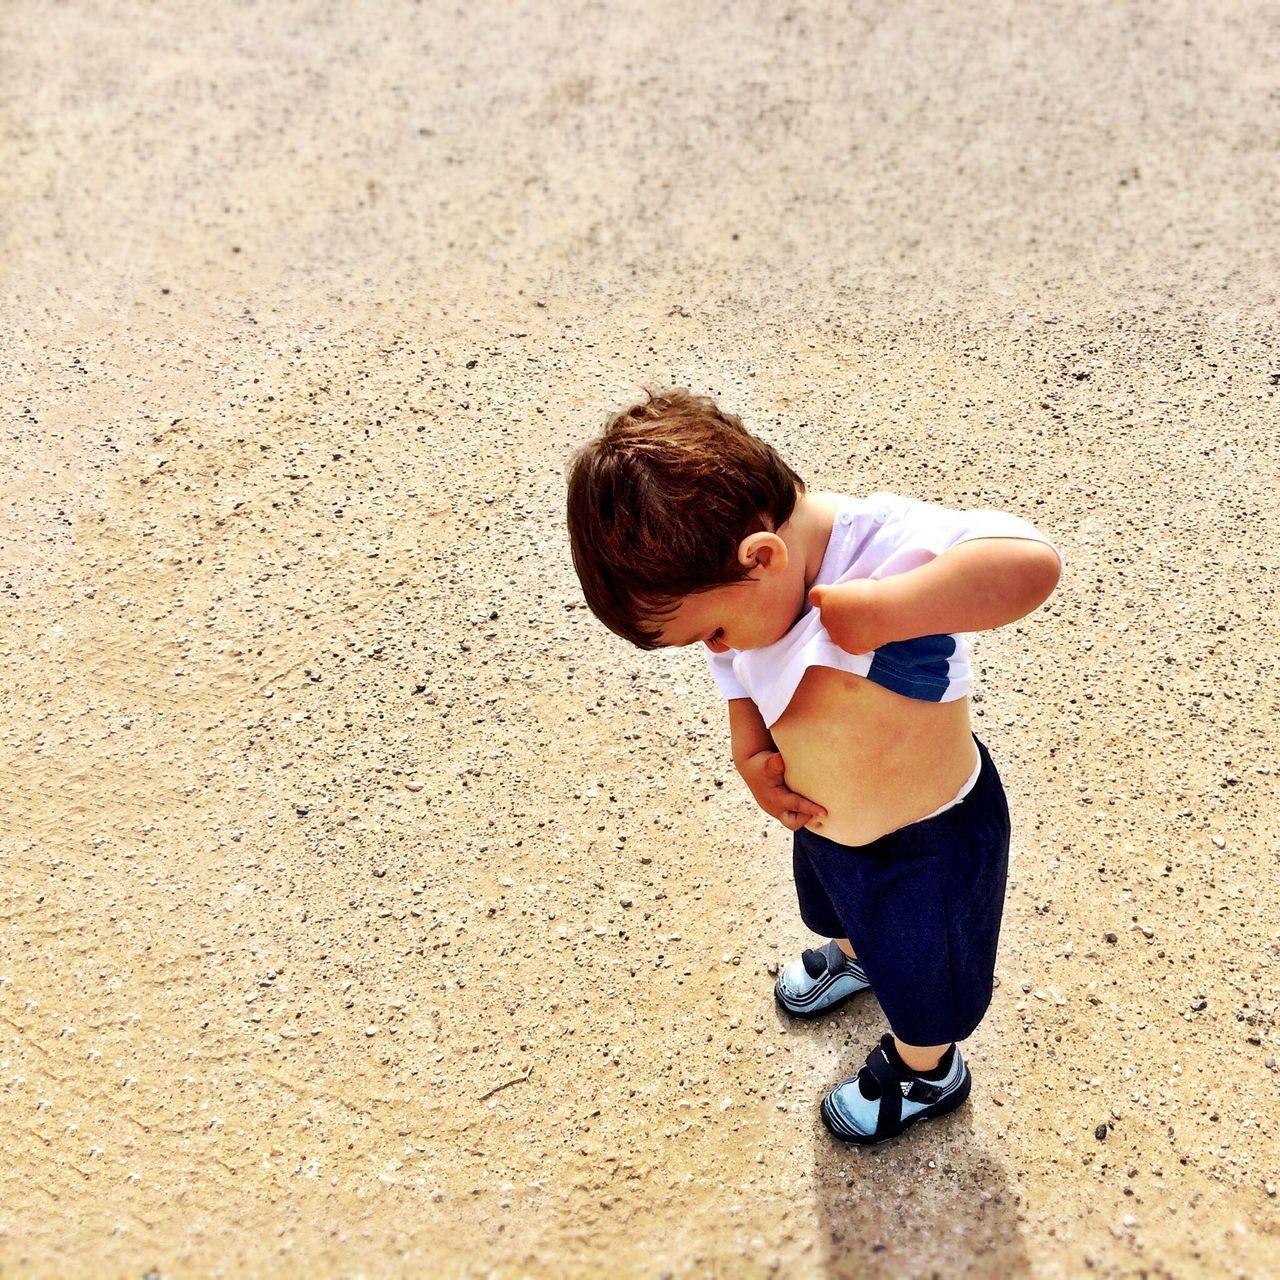 Beautiful stock photos of boy, Abdomen, Beach, Boys, Casual Clothing